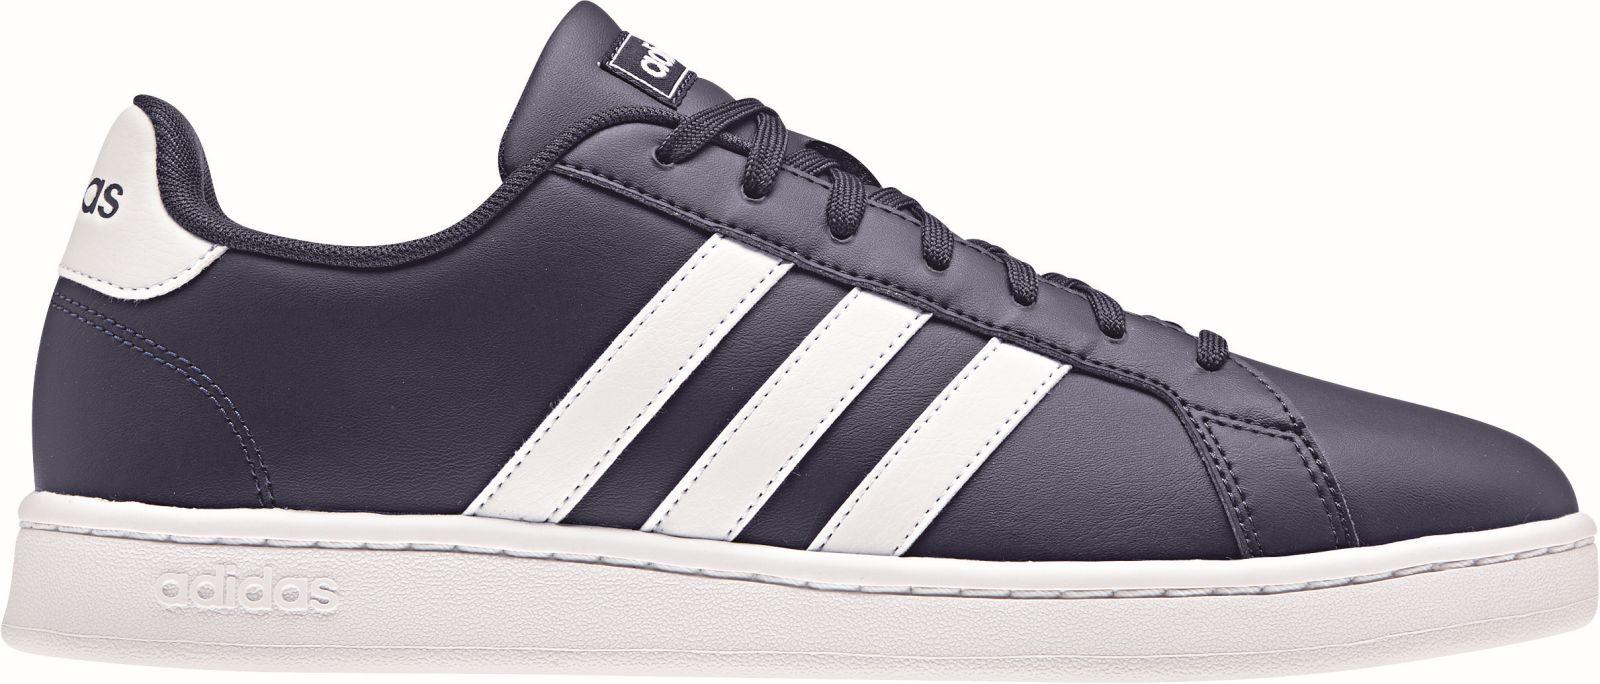 huge discount 2ddee c5041 adidas Core Herren Freizeit- und Fitness-Schuhe Grand Court